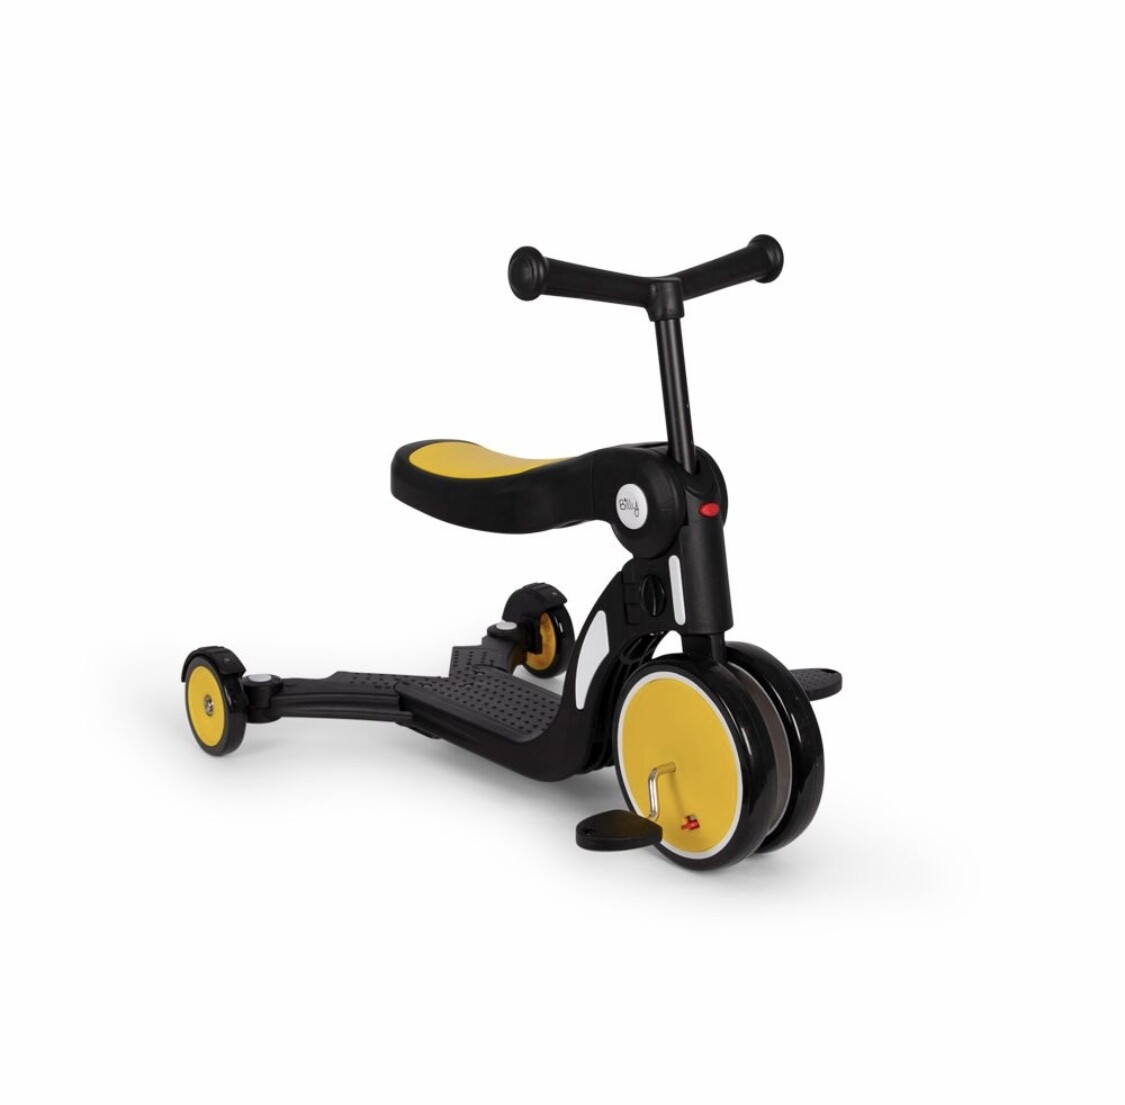 Billy 5en1 Scooter & Vélo Draisienne Évolutif Pour Enfants